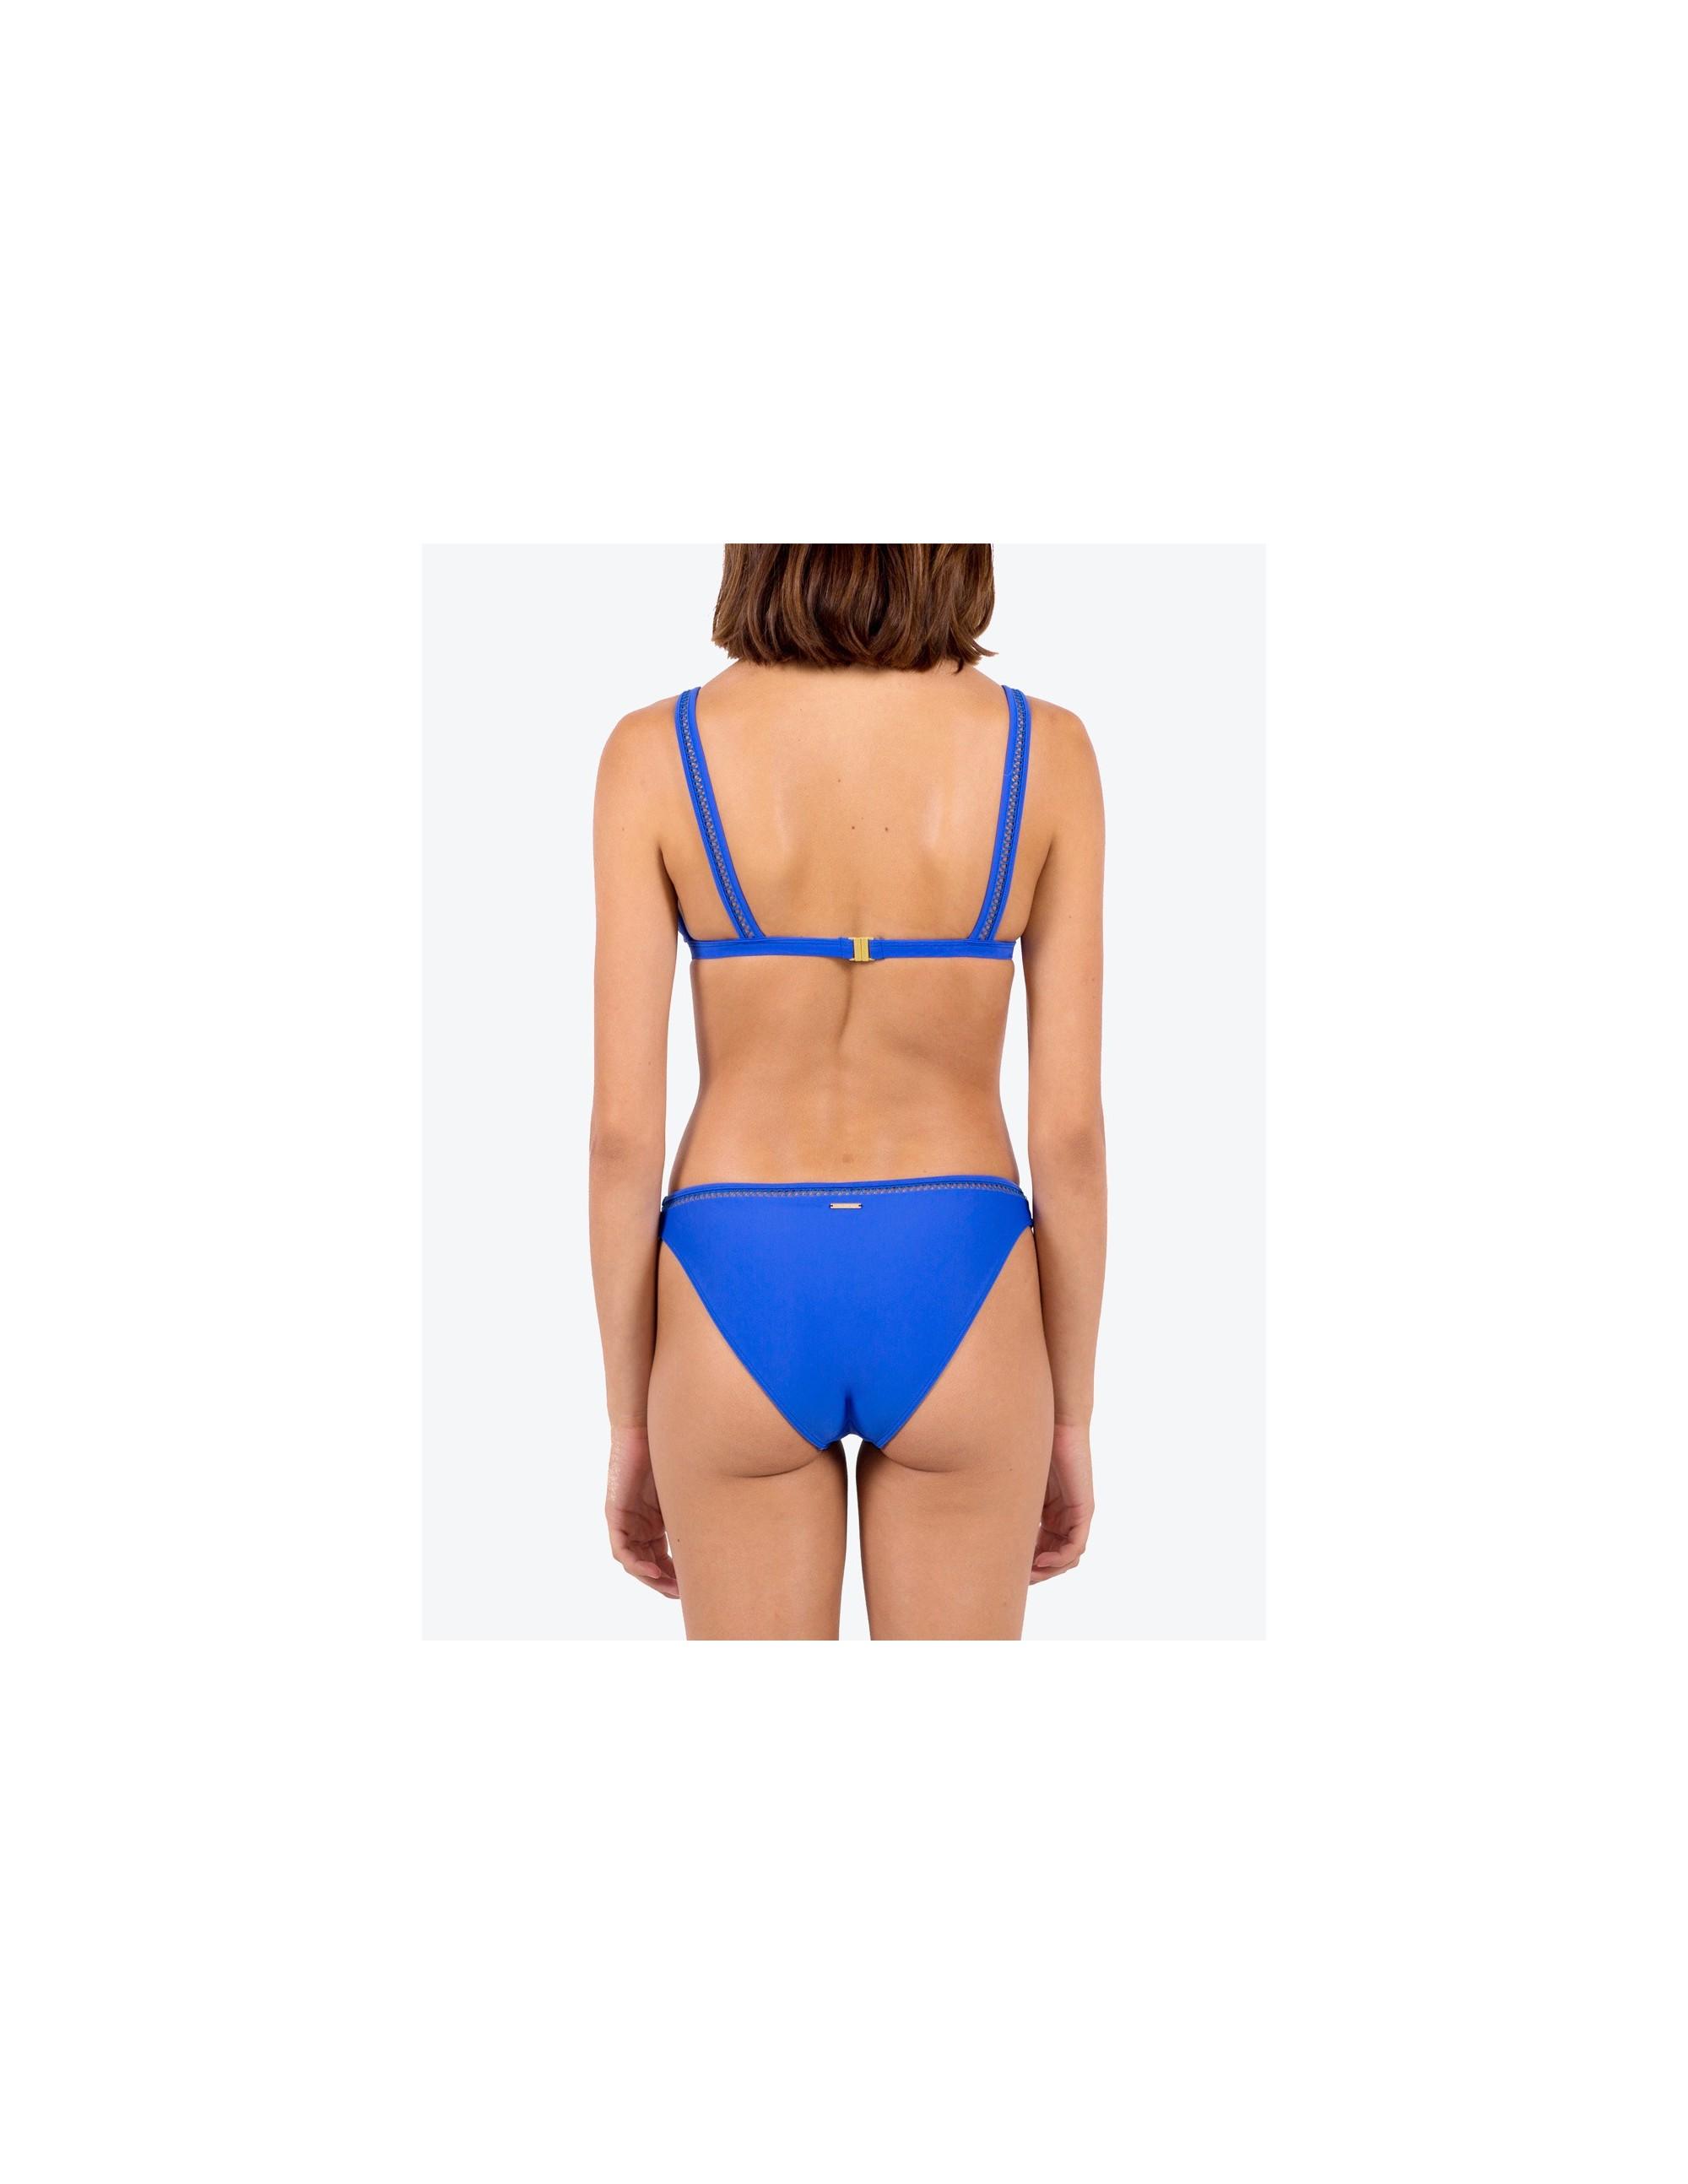 BELLA braguita - ECHO BLUE